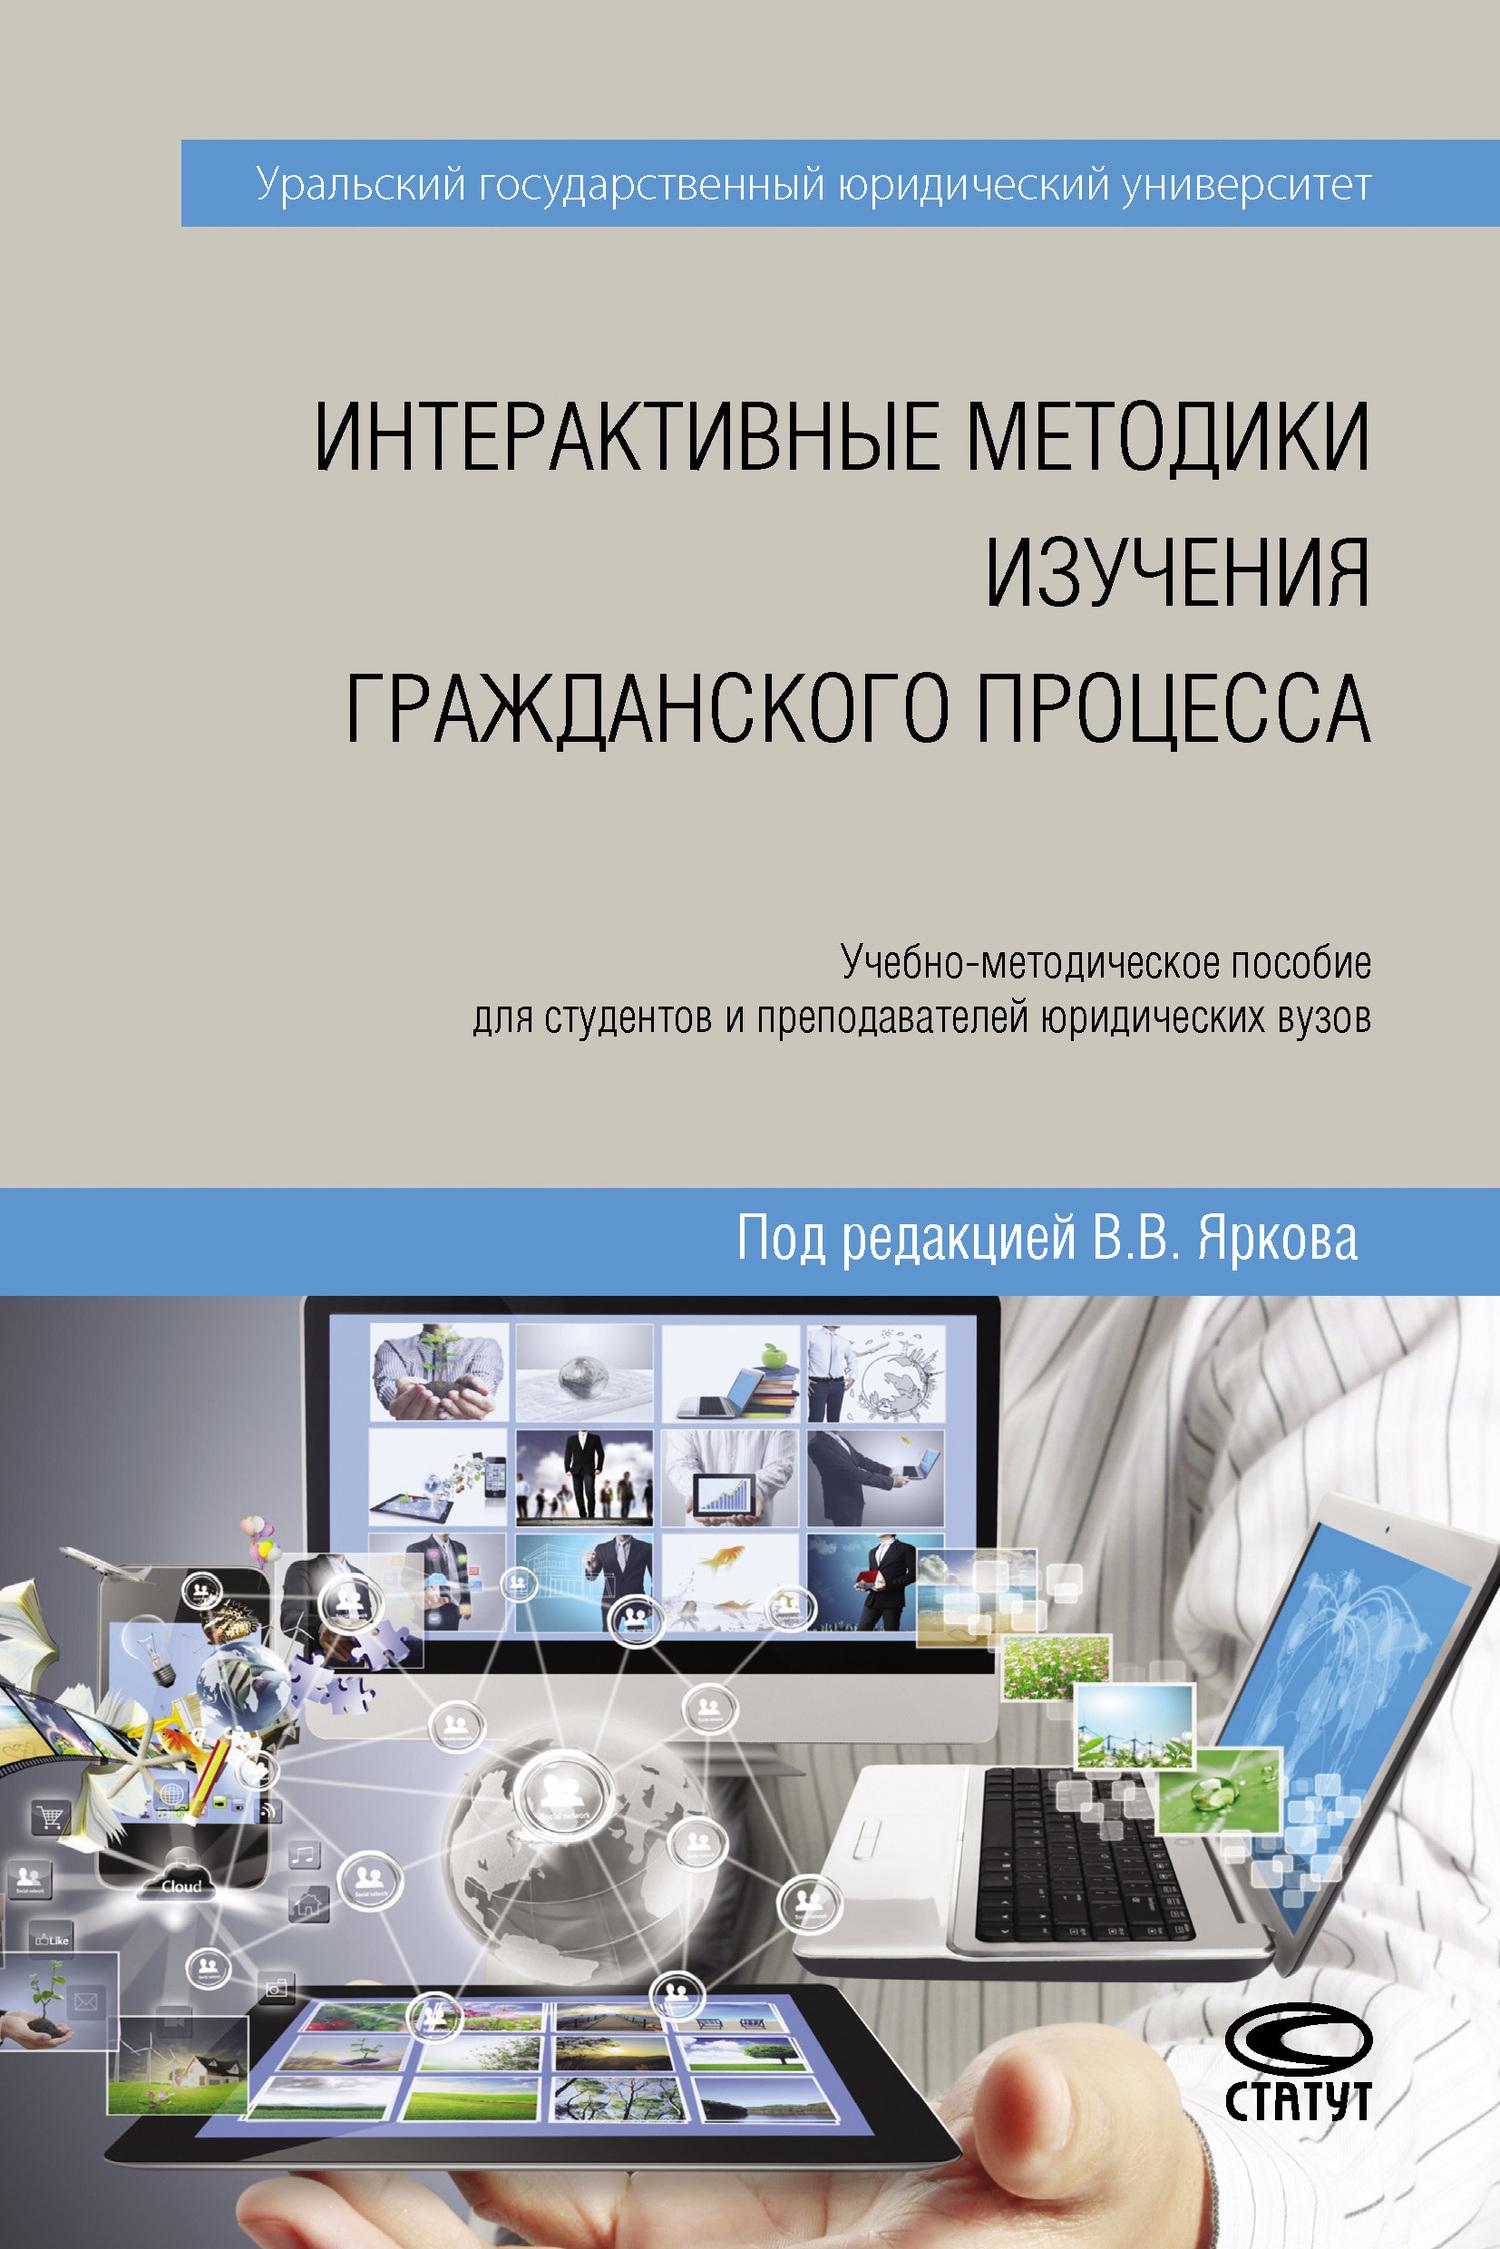 Интерактивные методики изучения гражданского процесса